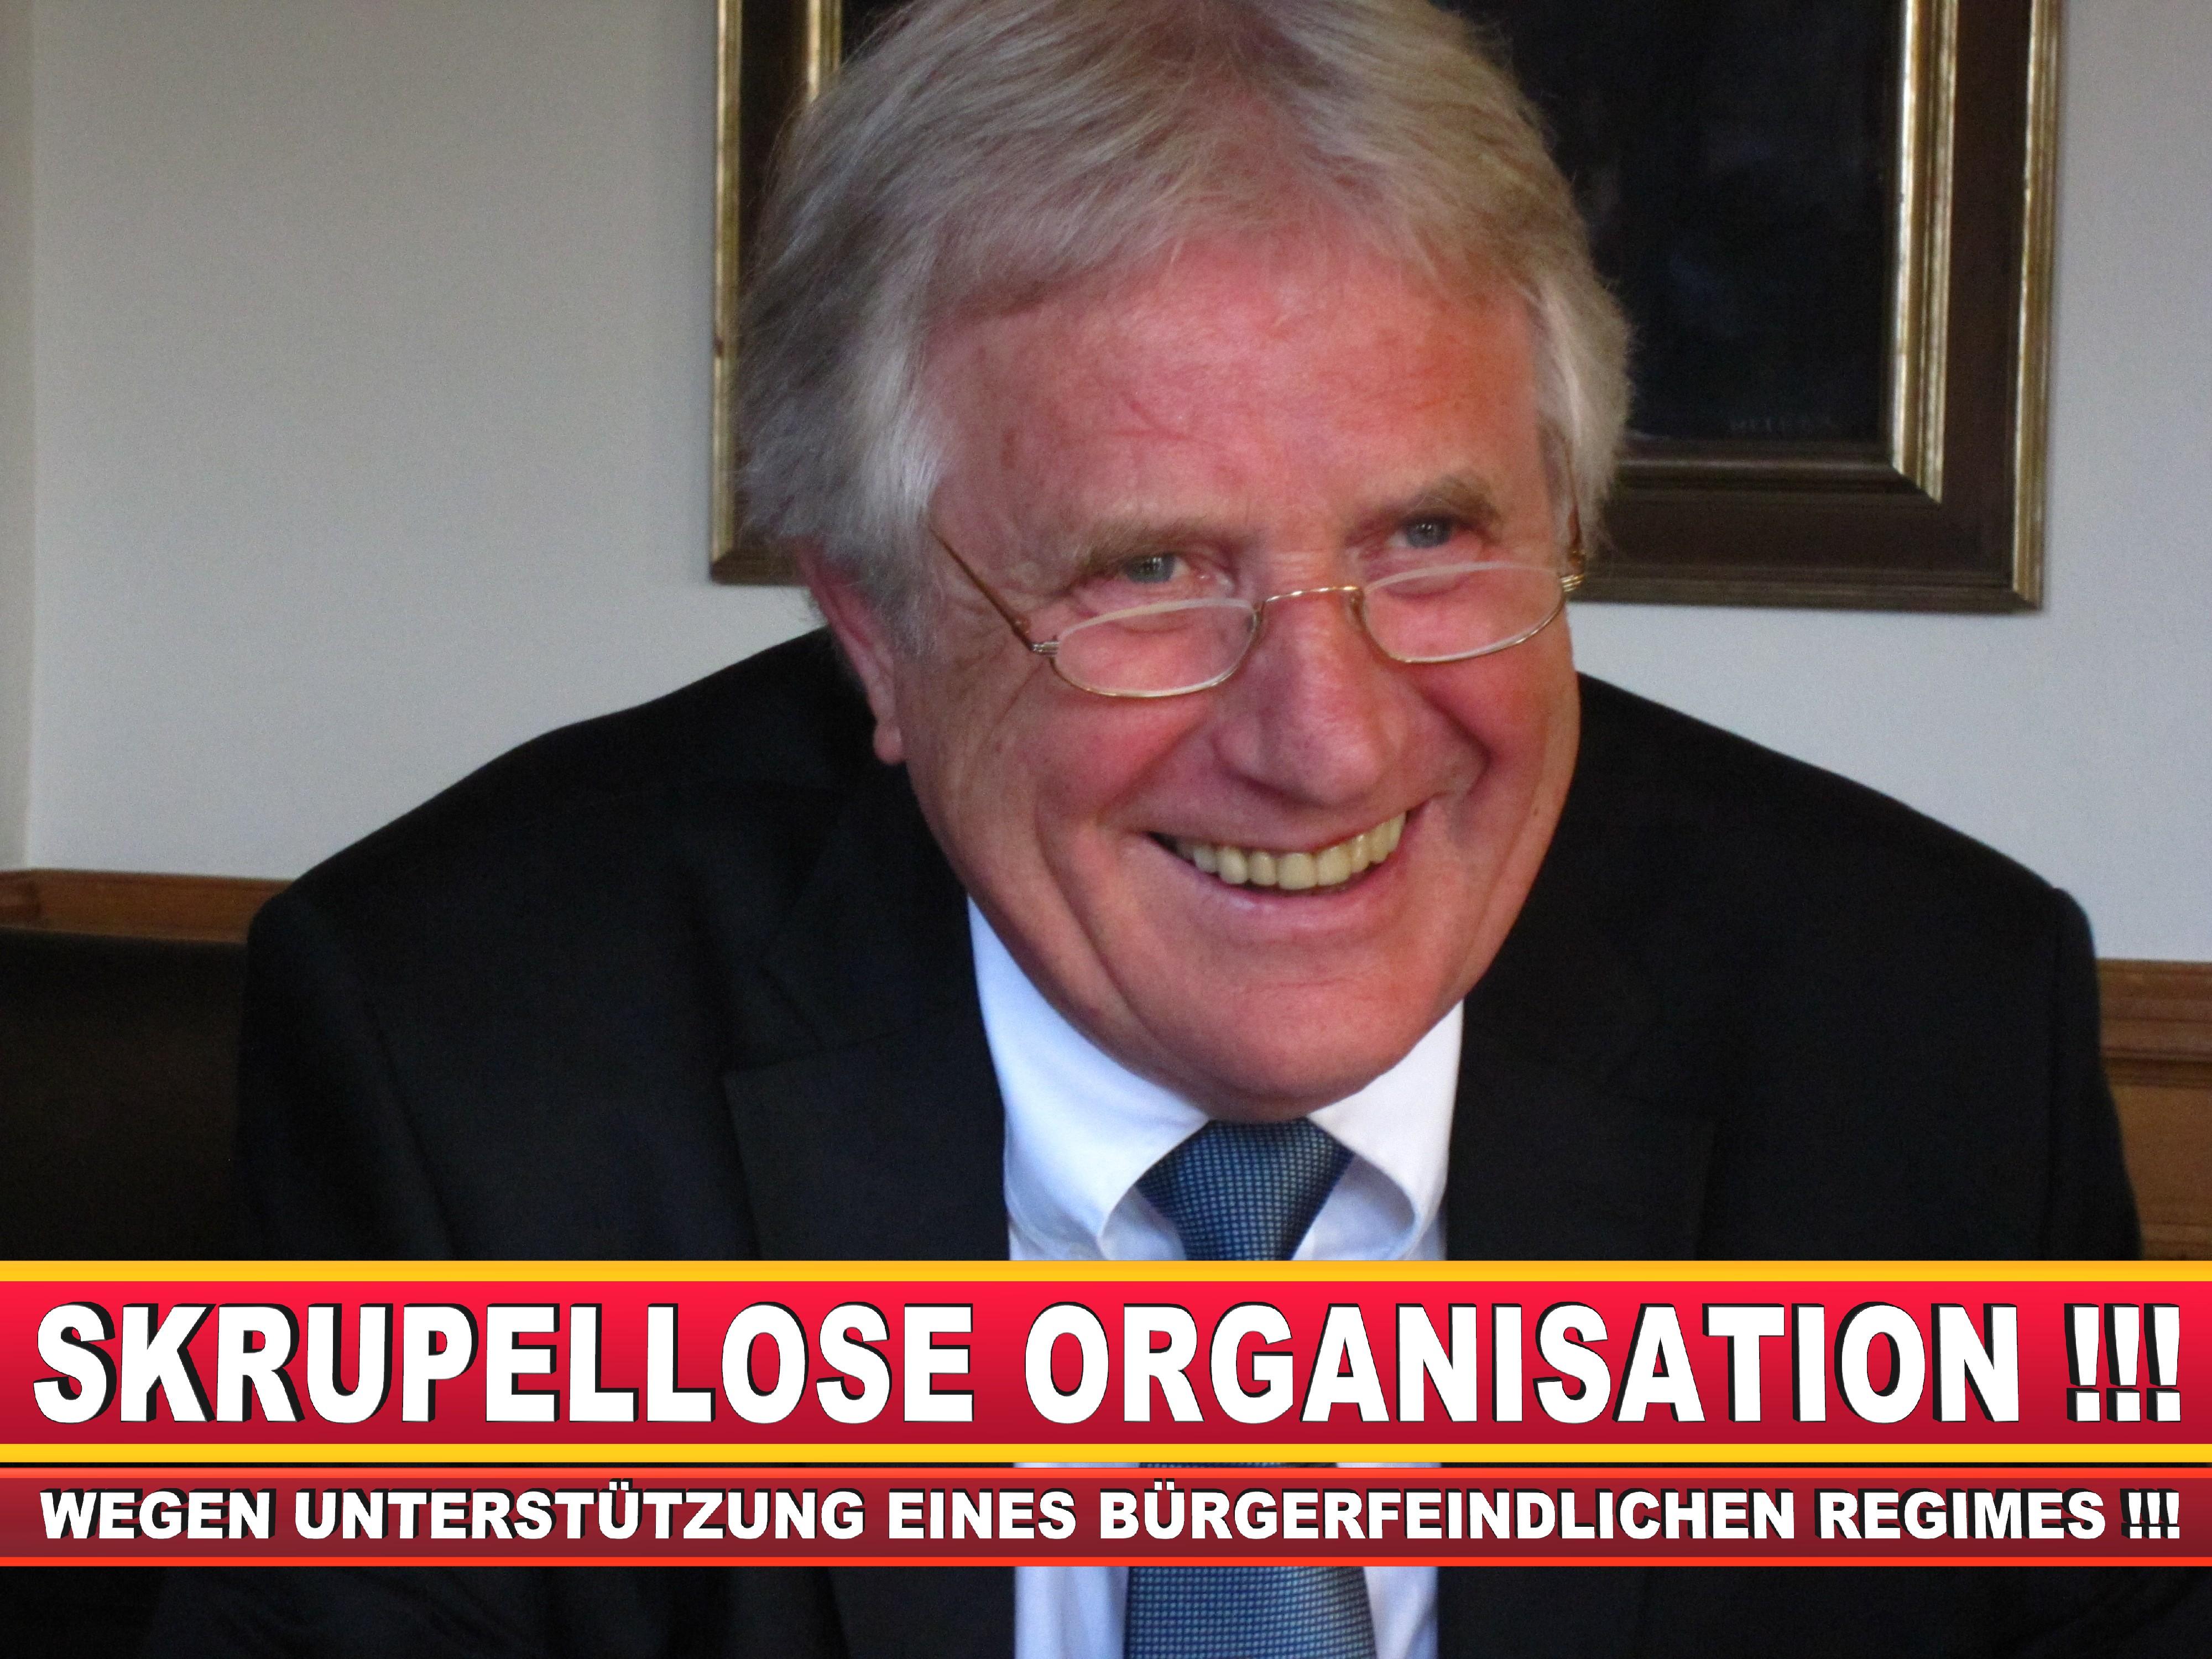 Polizeipräsident Erwin Südfeld Bielefeld Oberbürgermeister Bürgermeister Peter Clausen Pit Clausen Bielefeld (58)